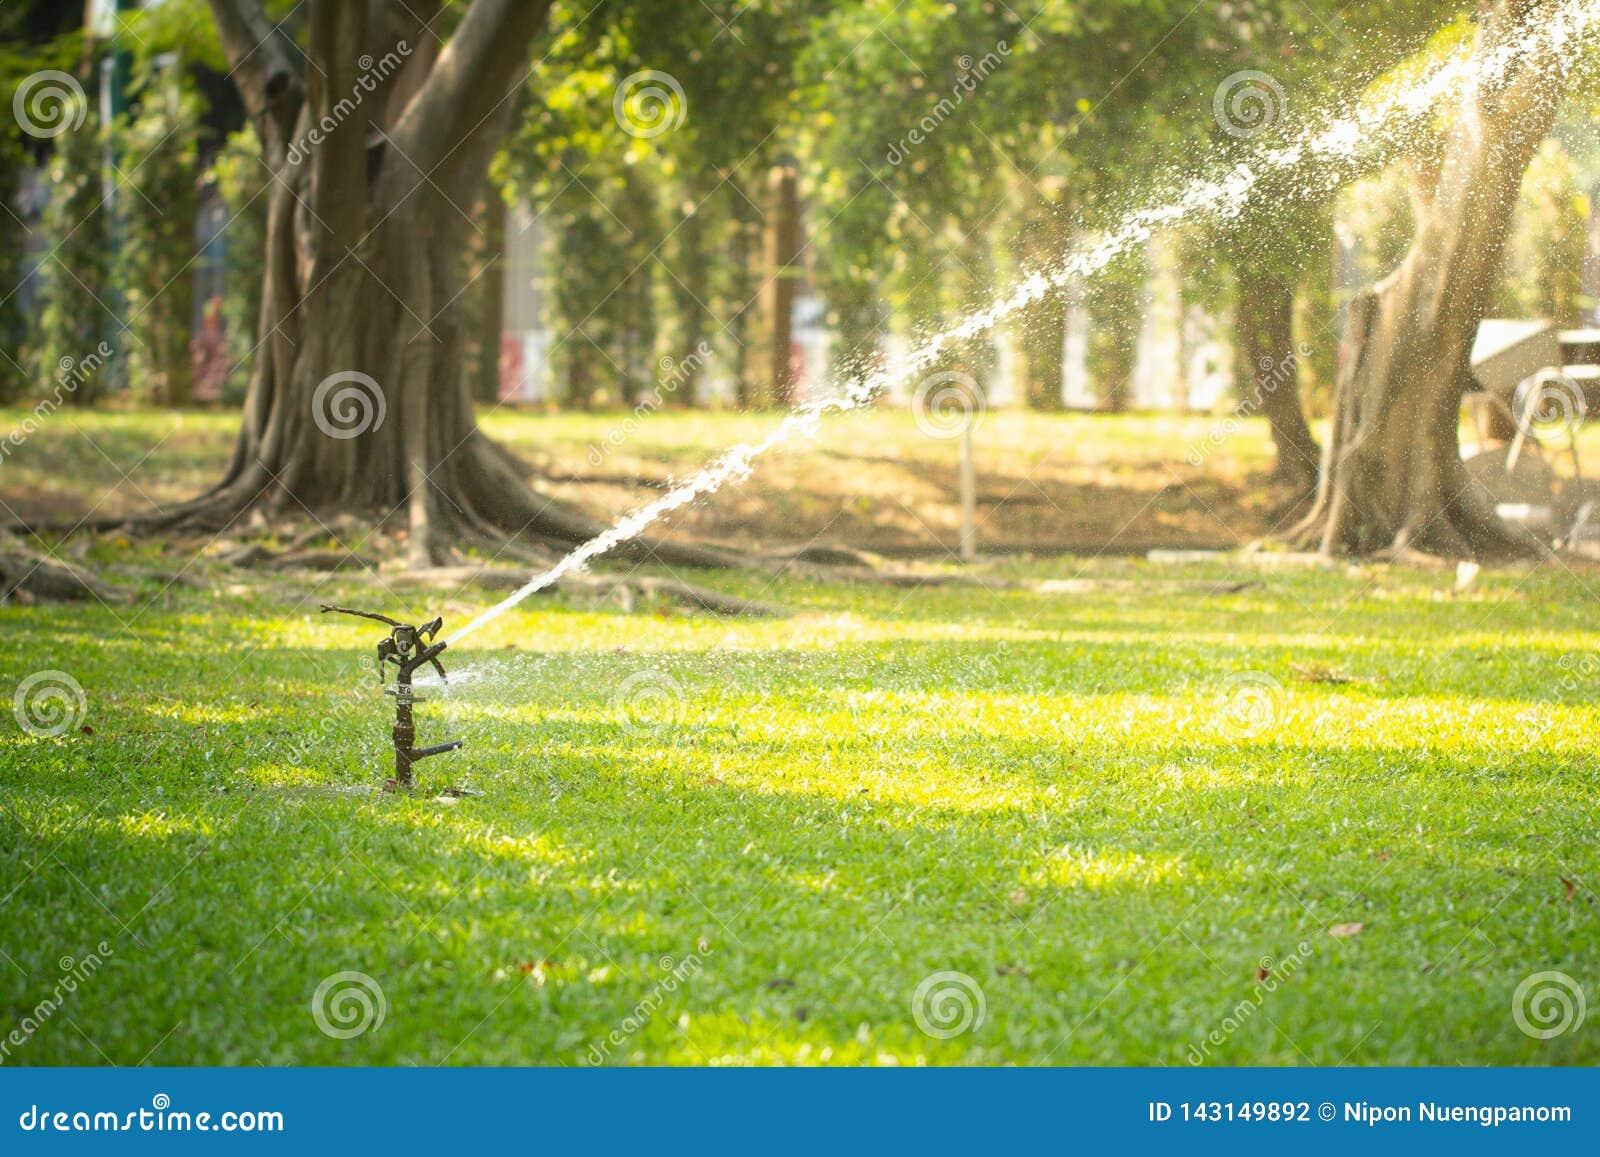 草坪喷水隆头浇灌的草在阳光下的庭院里